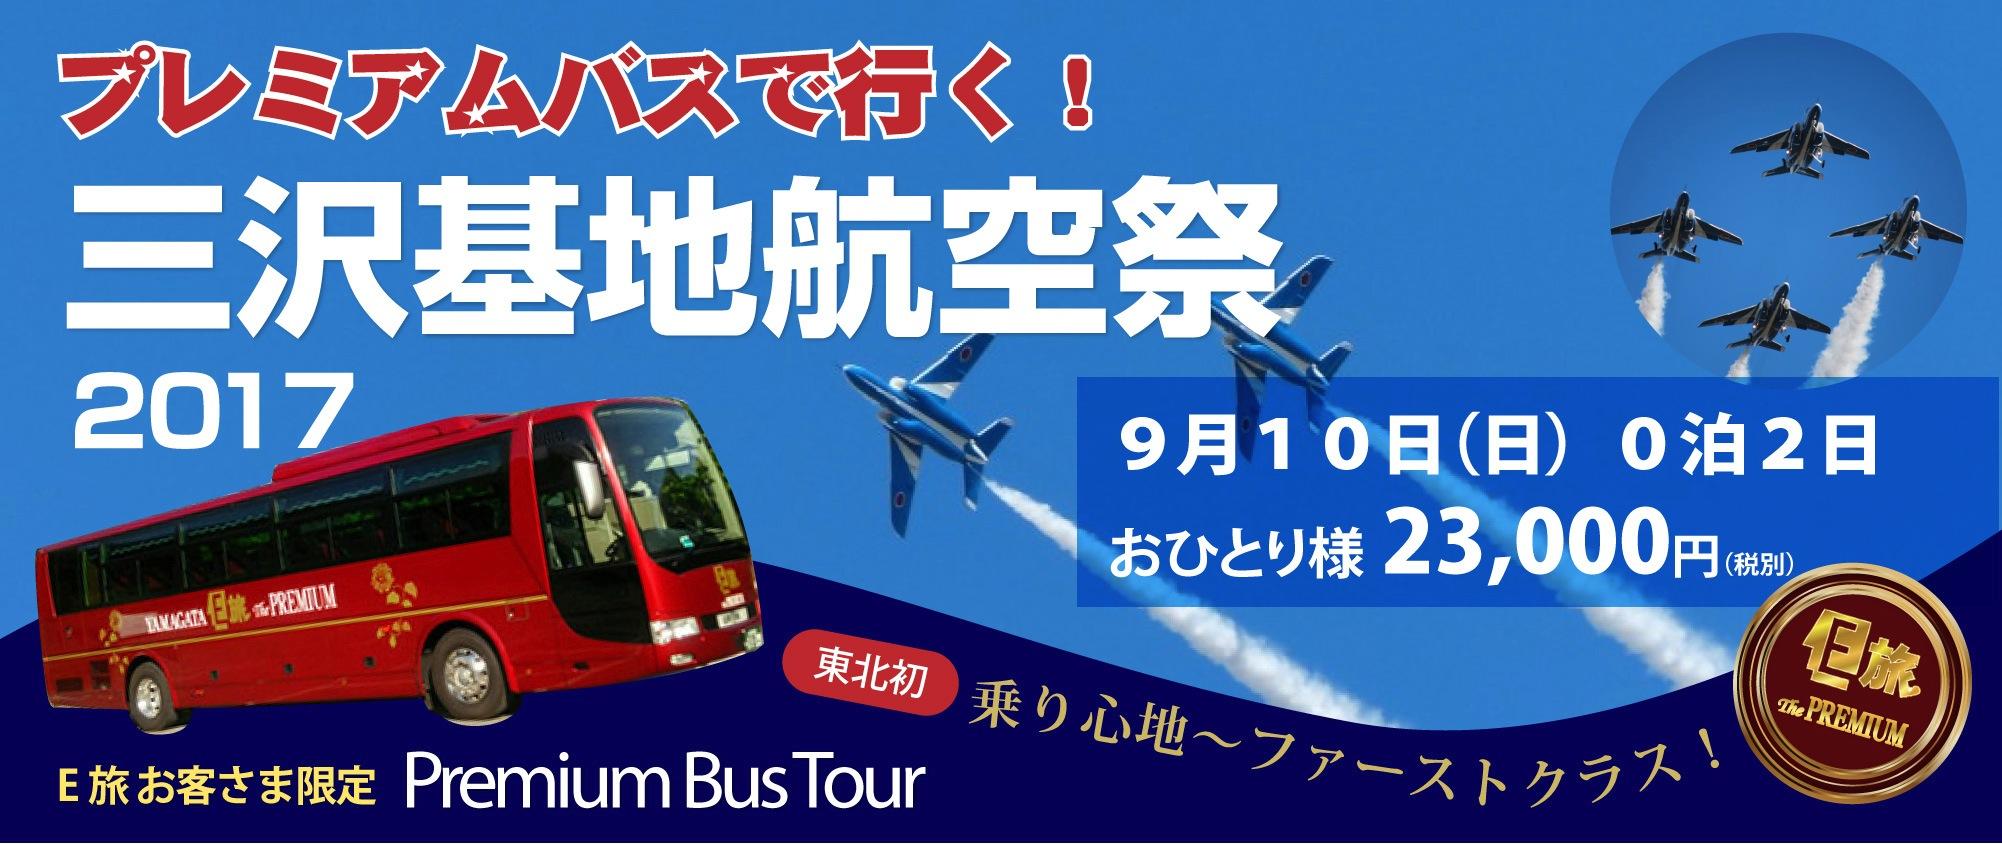 プレミアムバスで行く!三沢基地航空祭2017★9月10日(日)開催